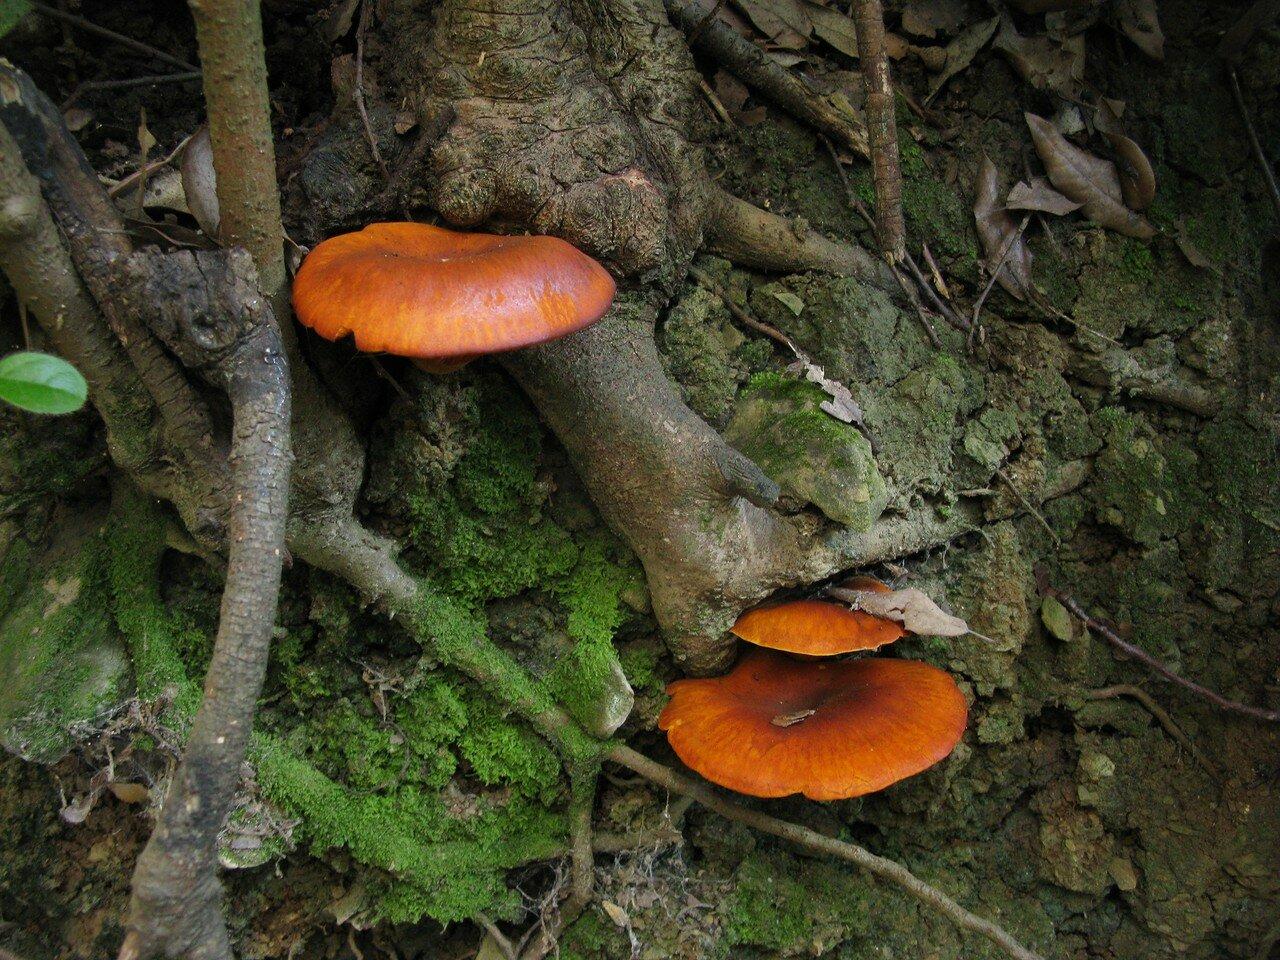 Омфалотус масличный (Omphalotus olearius). Автор фото: Станислав Кривошеев